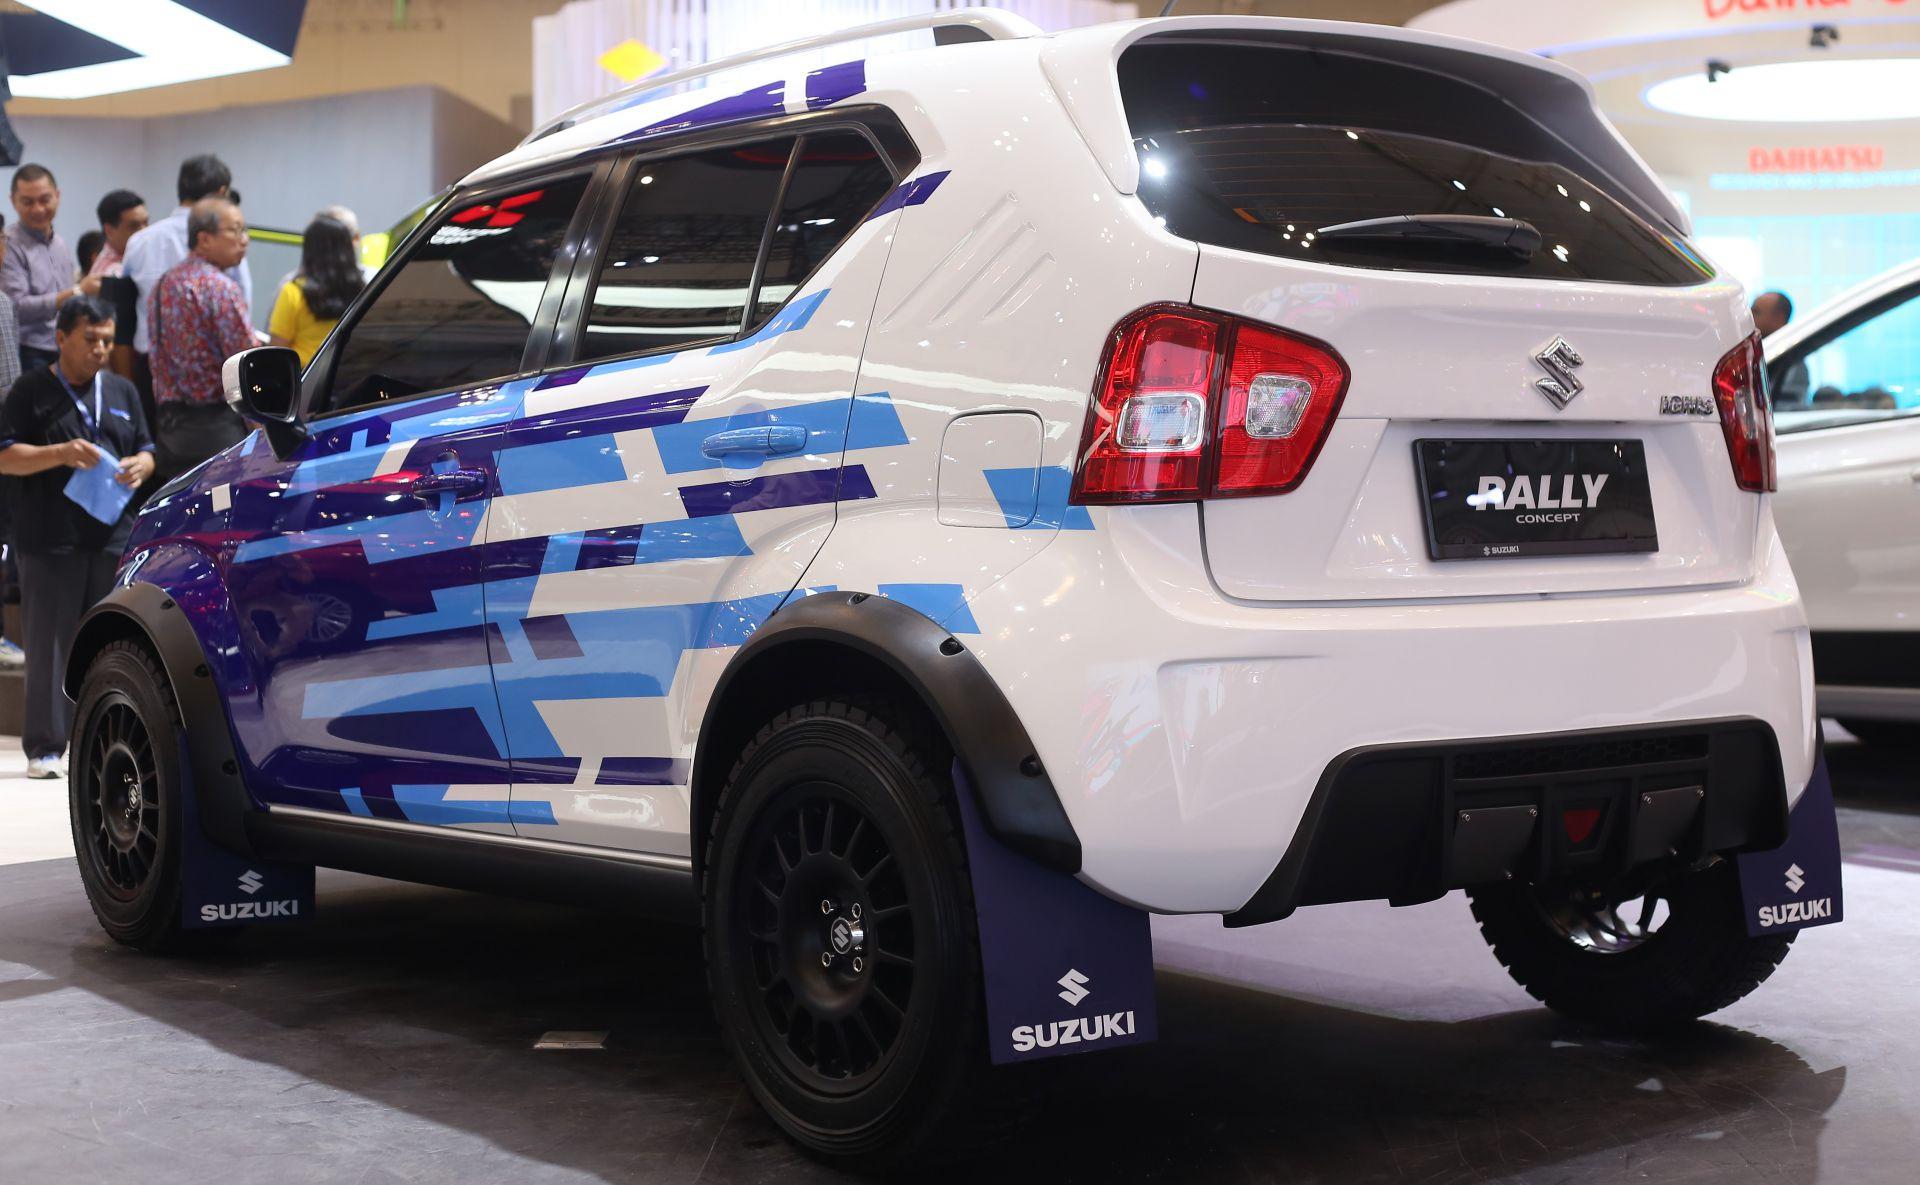 Kesan rally pada ignis rally concept semakin otentik dengan decal sticker suzuki sport pada kaca depan dan fitur sepasang lampu tembak yang mengapit logo